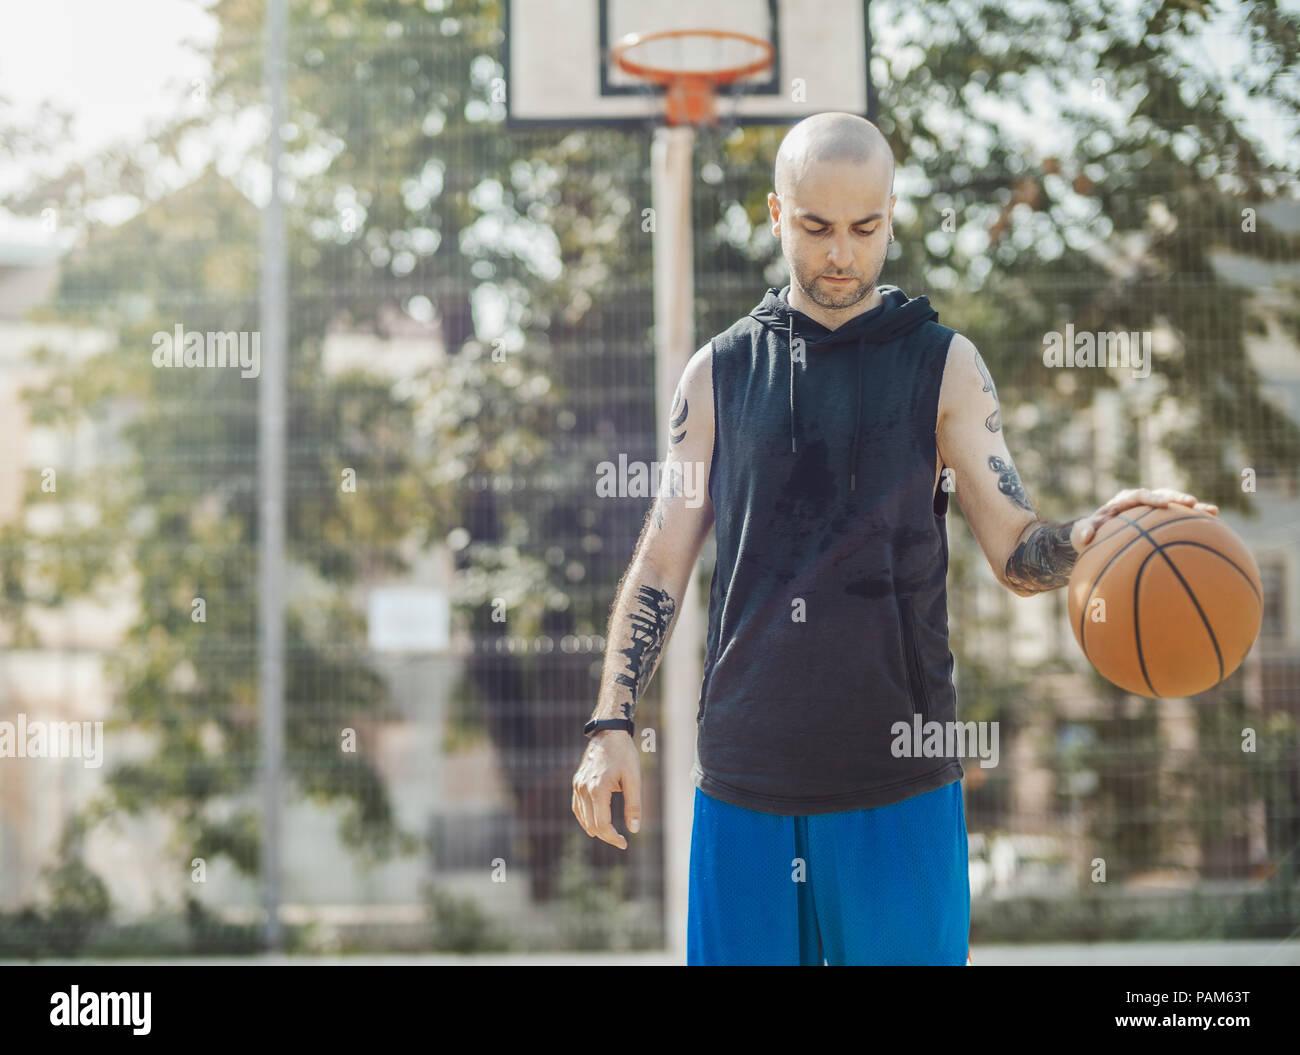 Bald woman jouer au basket-ball sur le terrain de basket-ball. L'homme est sur le point de mire et de premier plan, arrière-plan est flou. Photo Stock